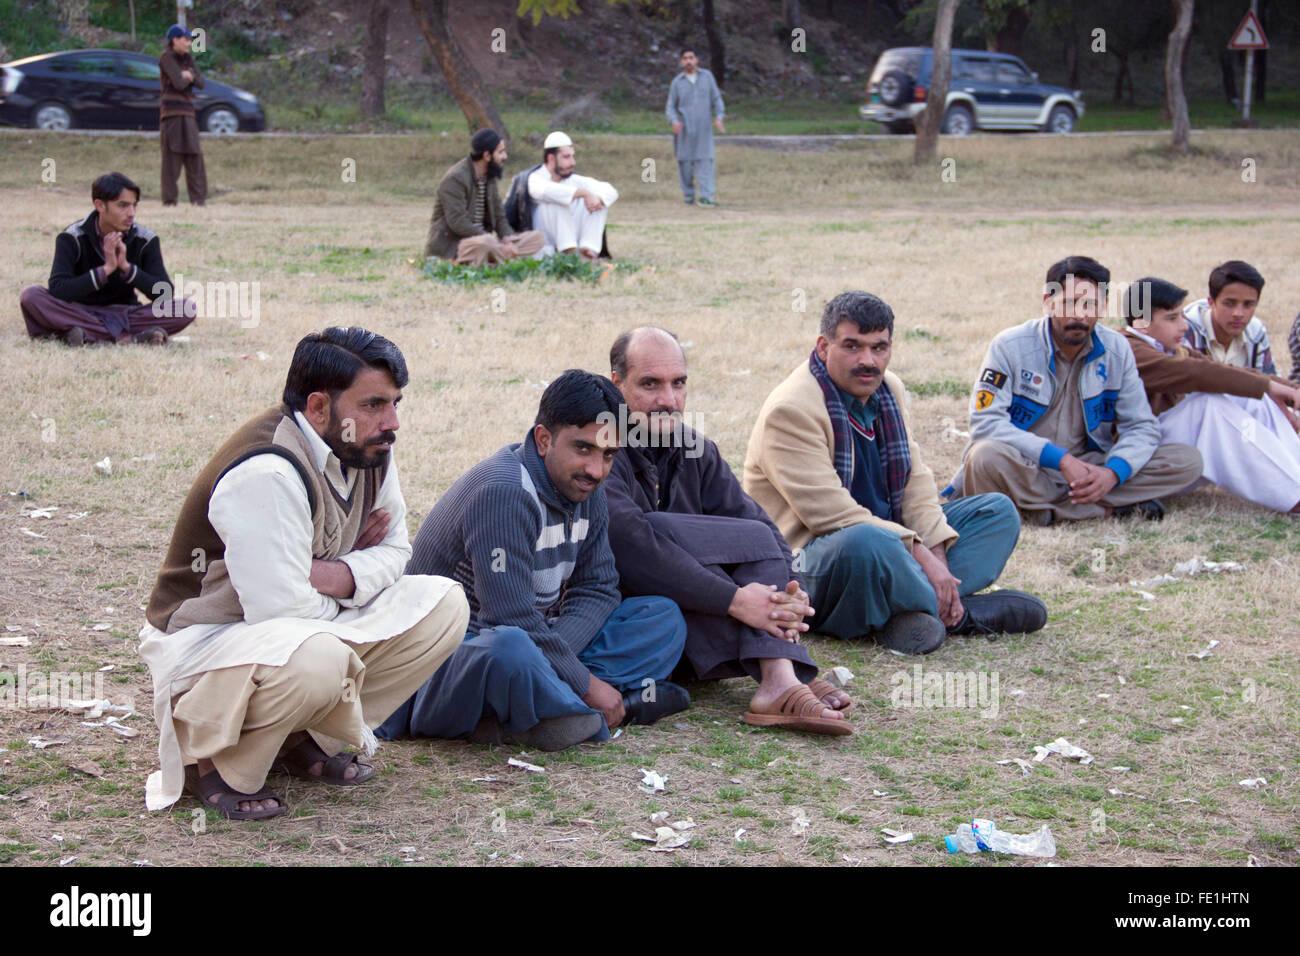 Pakistan 03 Stock Photos & Pakistan 03 Stock Images - Alamy